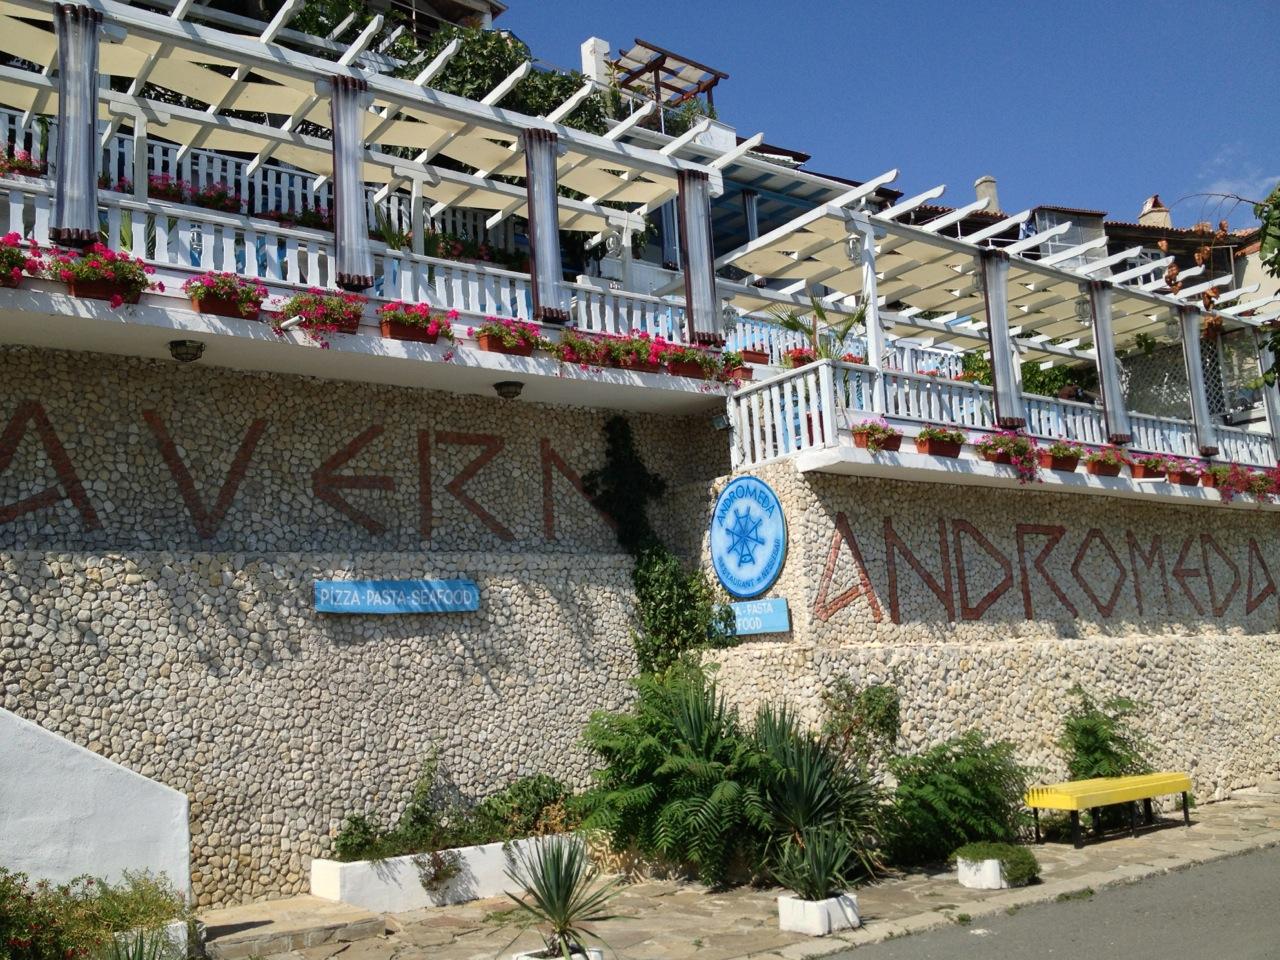 Andromeda Restaurant in Nessebar